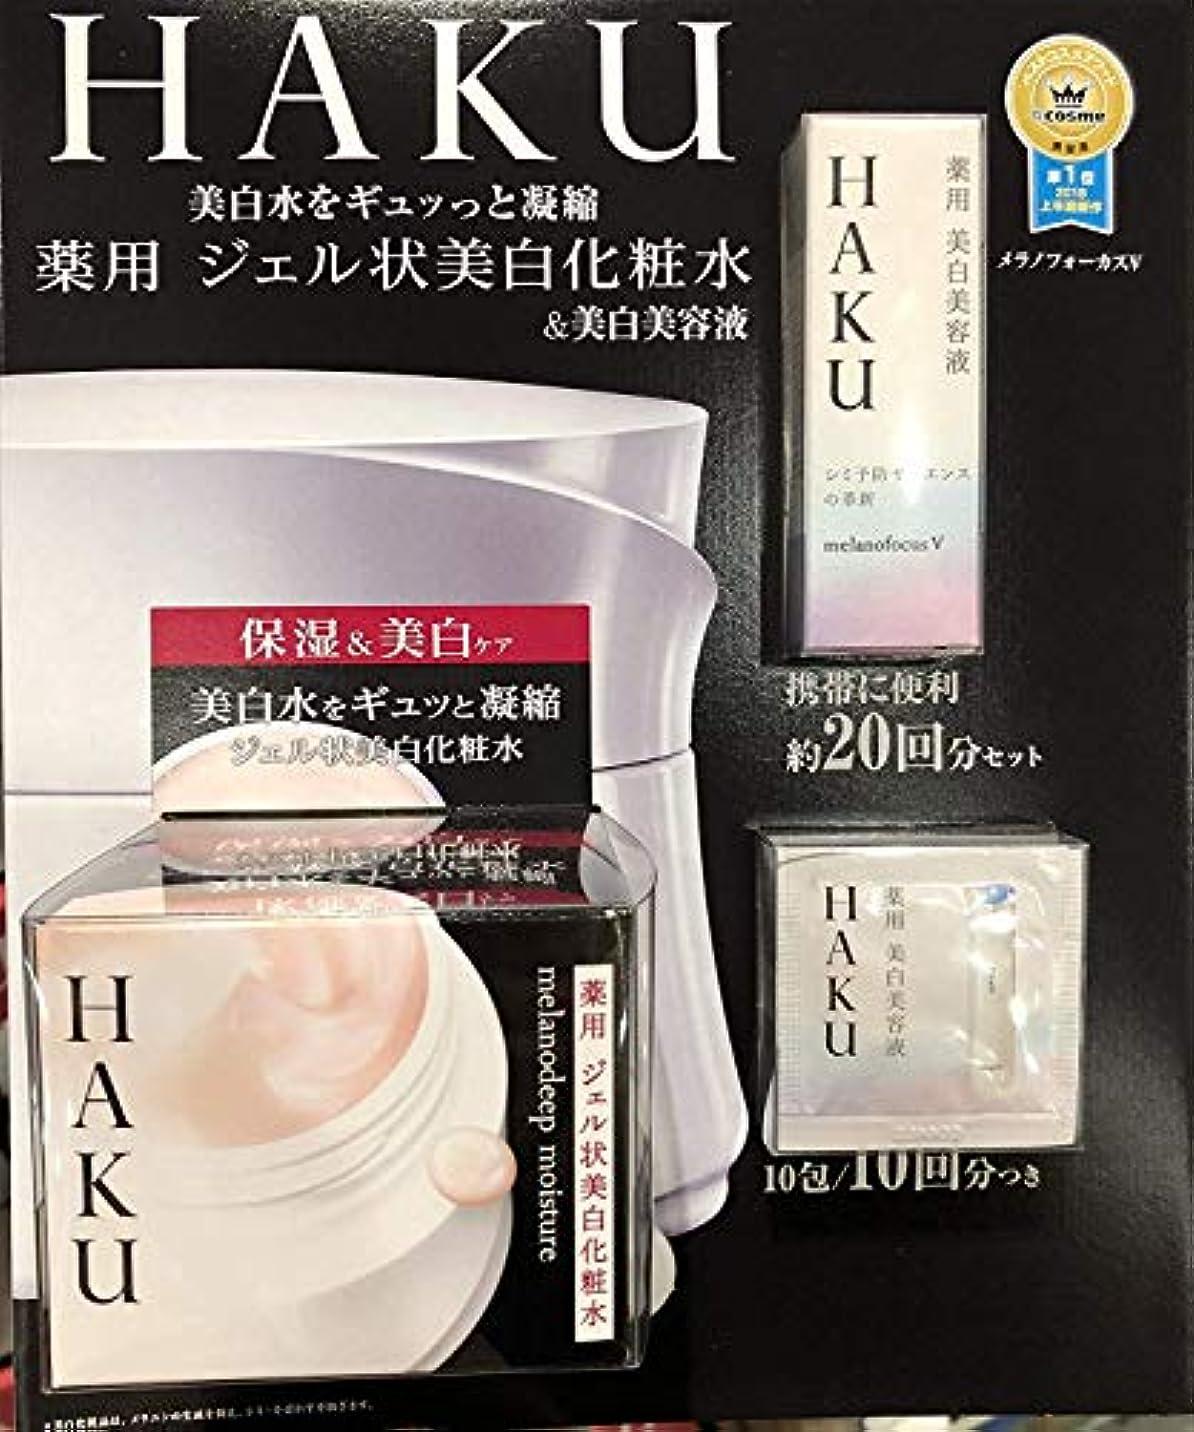 リレーペース拡張資生堂 HAKU 美白セット 薬用 ジェル状美白化粧水&薬用美白乳液セット